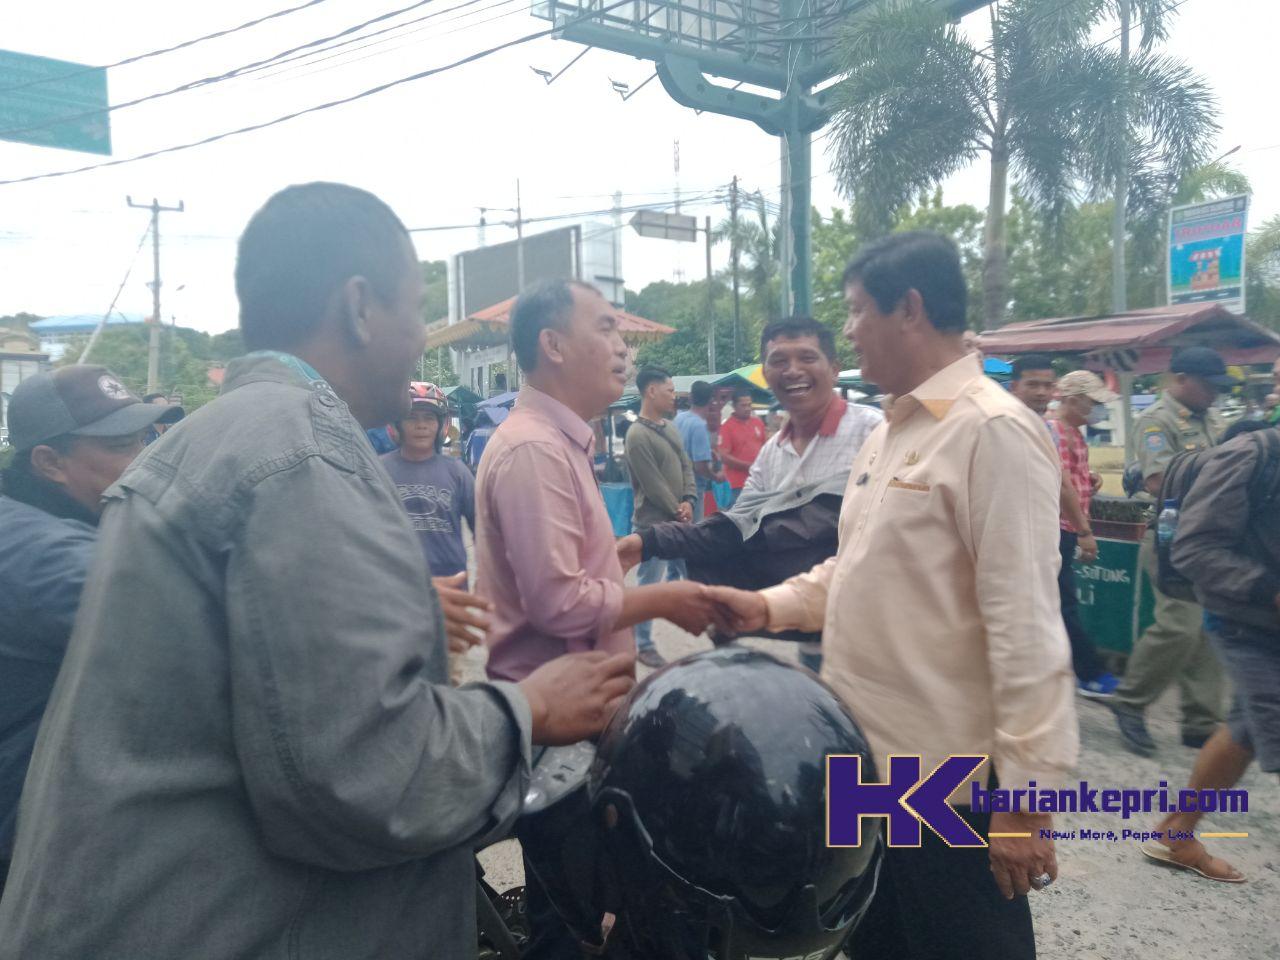 Plt Gubernur Dikabarkan Dilarikan ke RS, Karo Humas: Istirahat Aja di Rumah